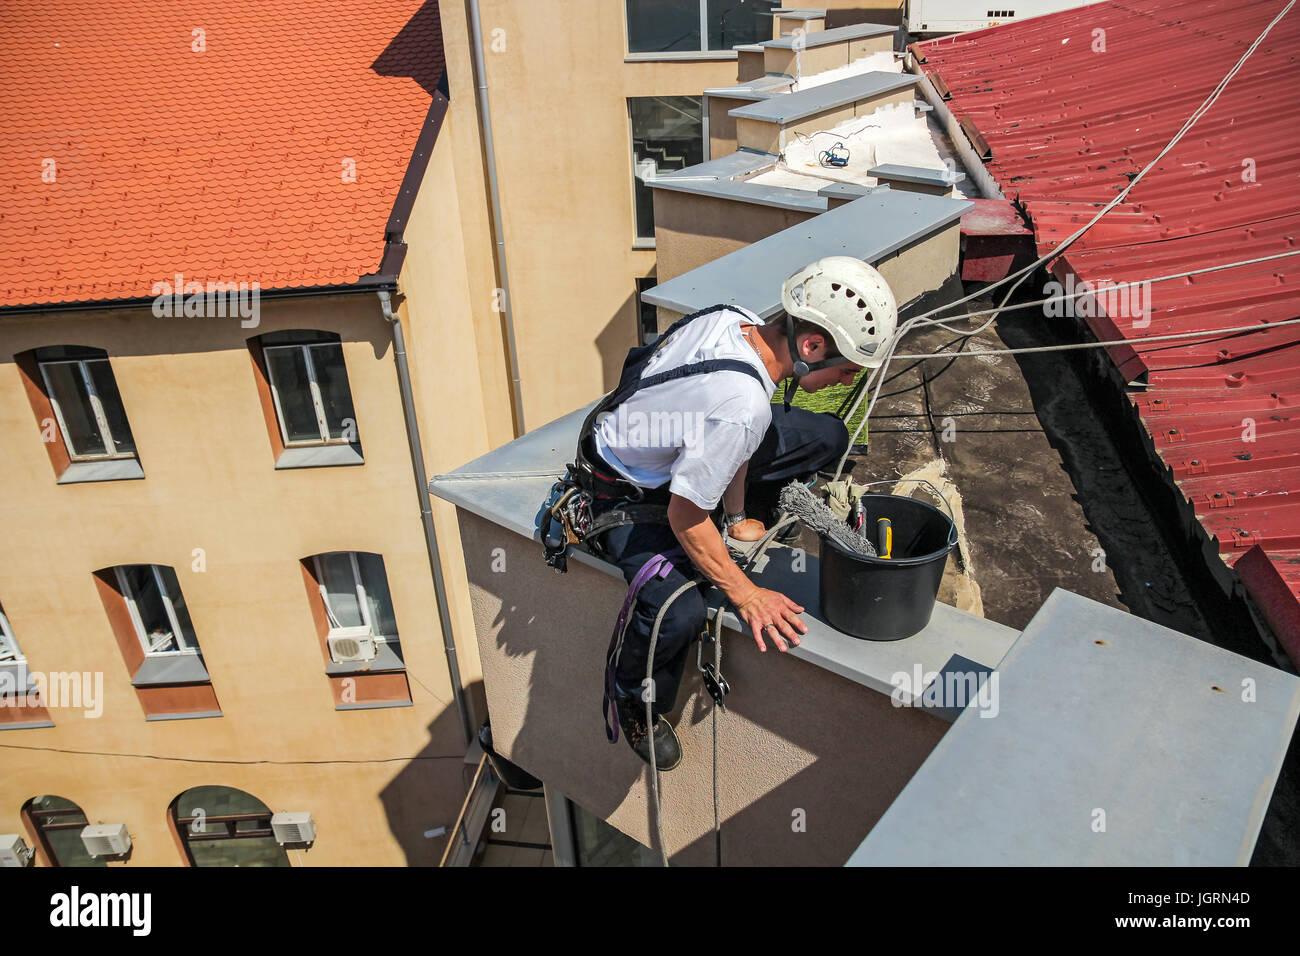 Escalada Industrial - Servicio de limpieza de la fachada. Trabajo de alto riesgo Imagen De Stock